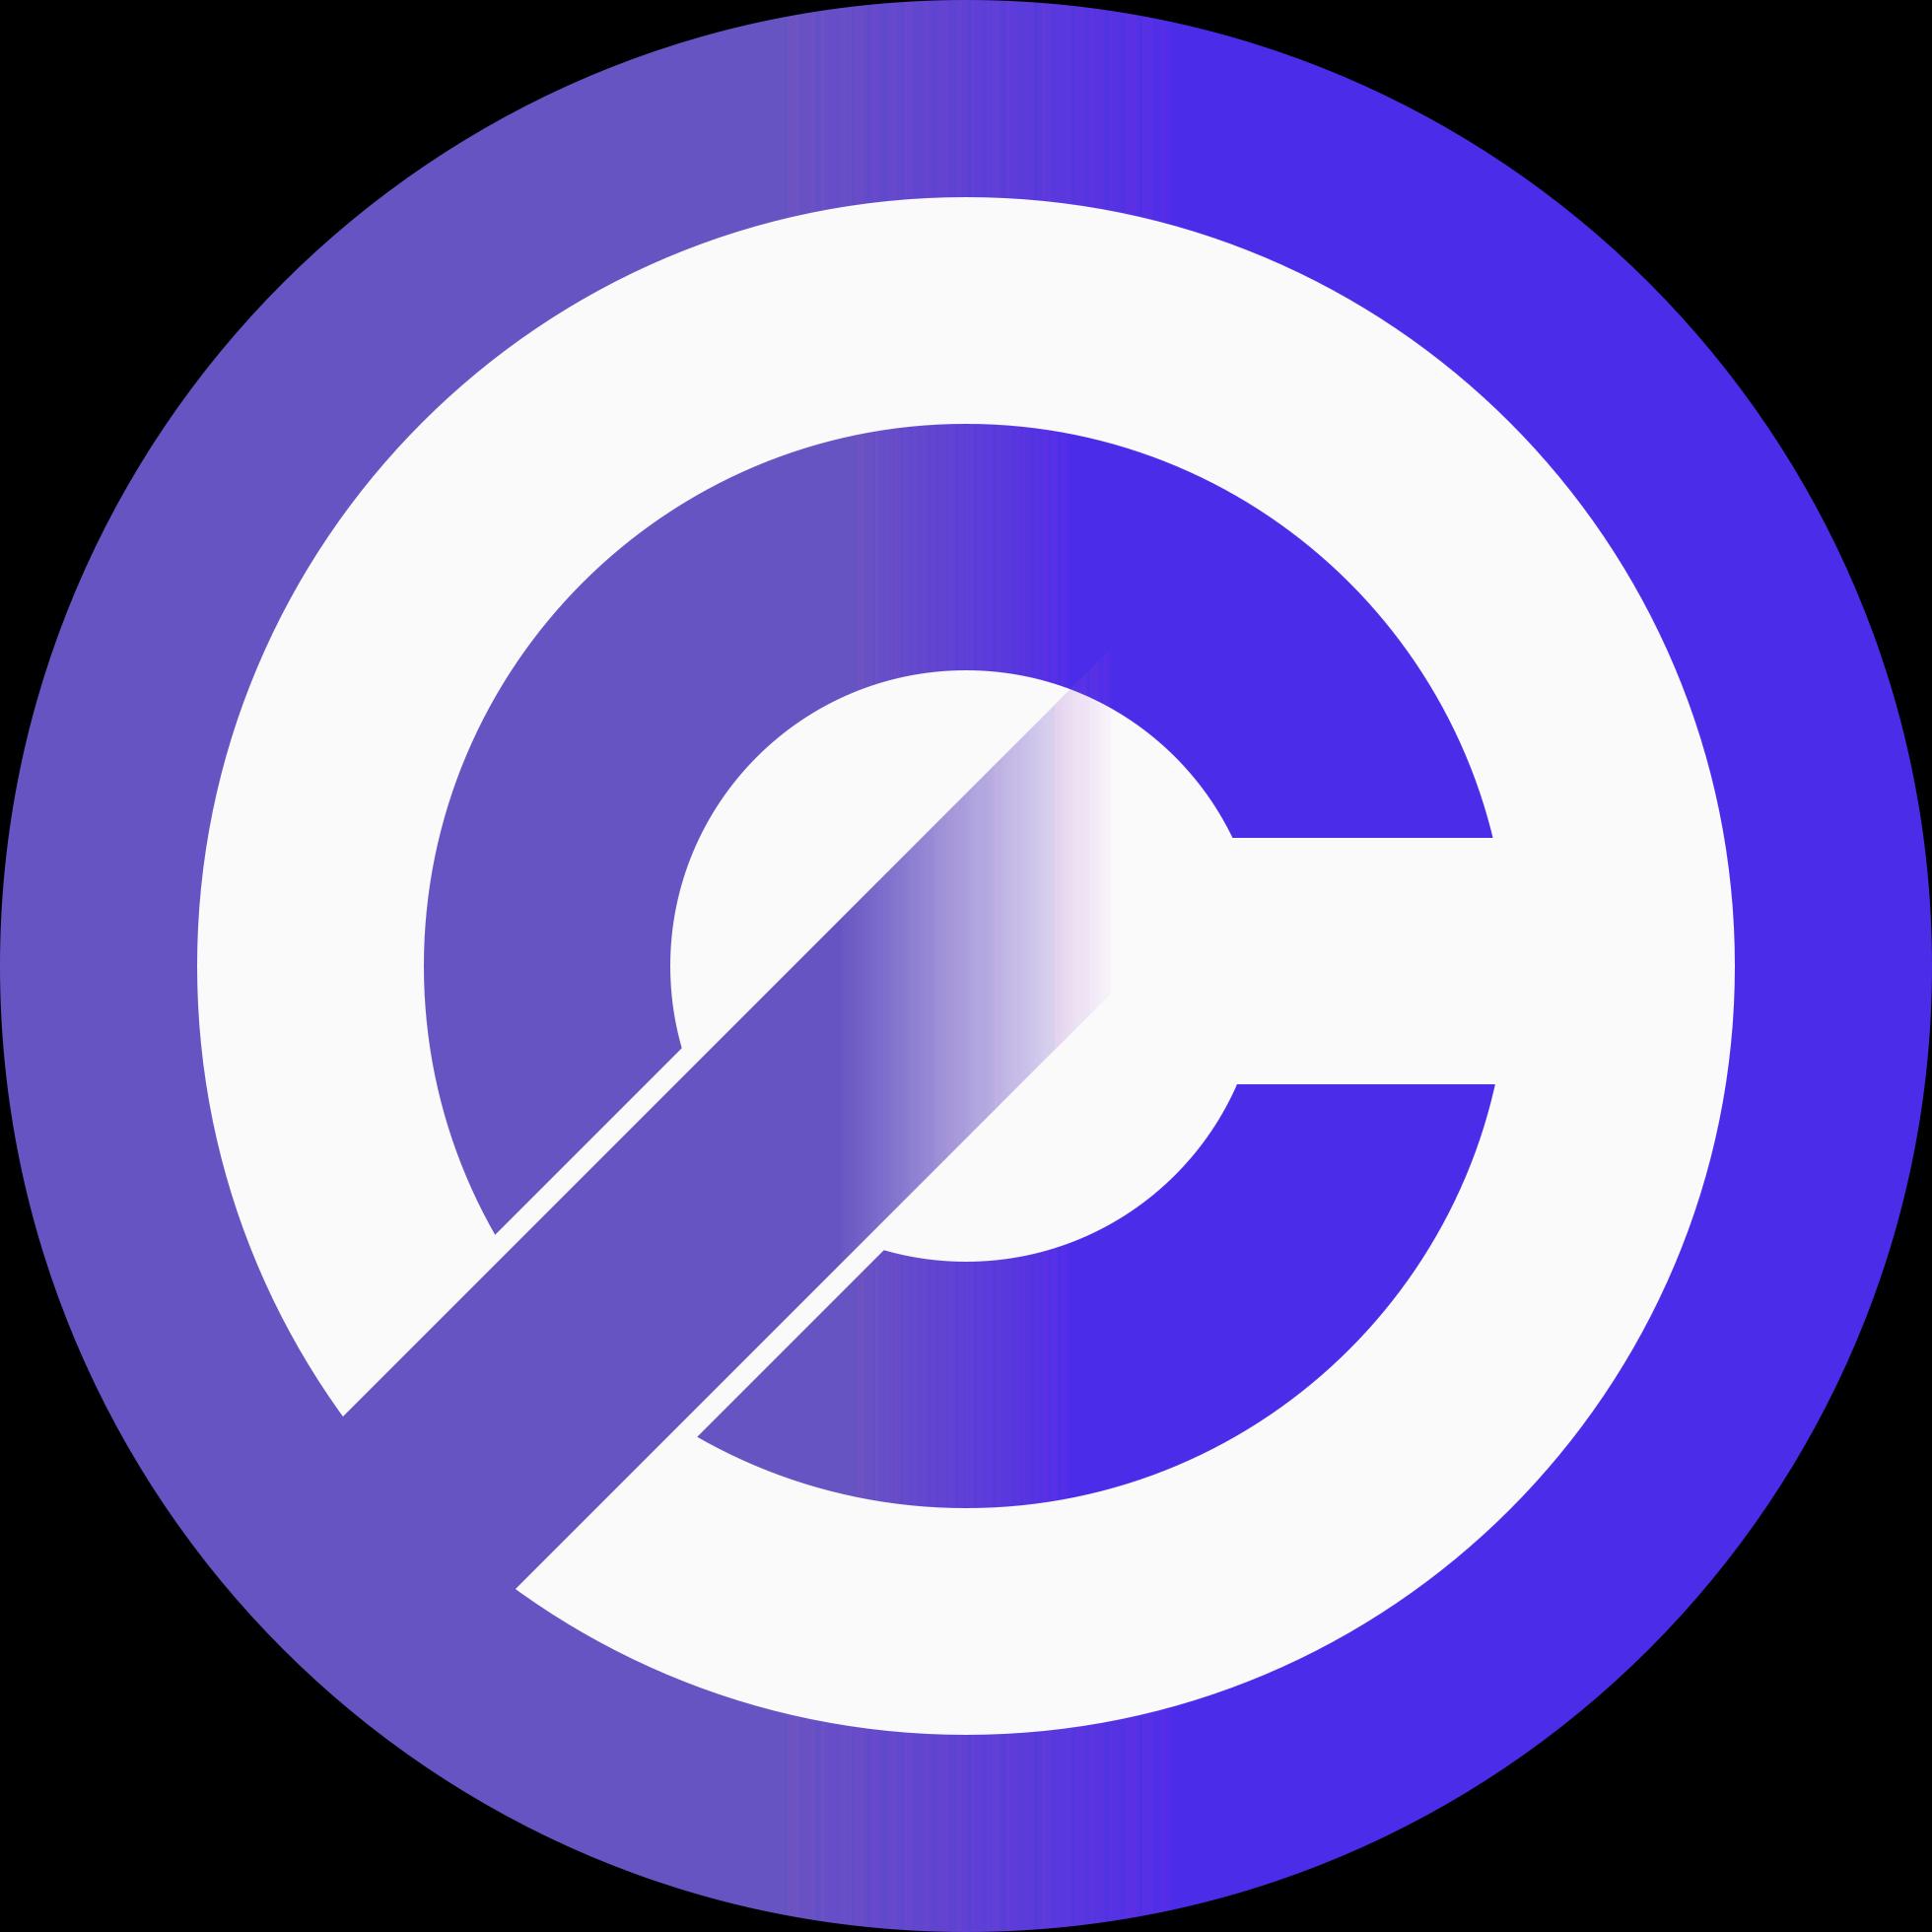 Symbole du domaine public